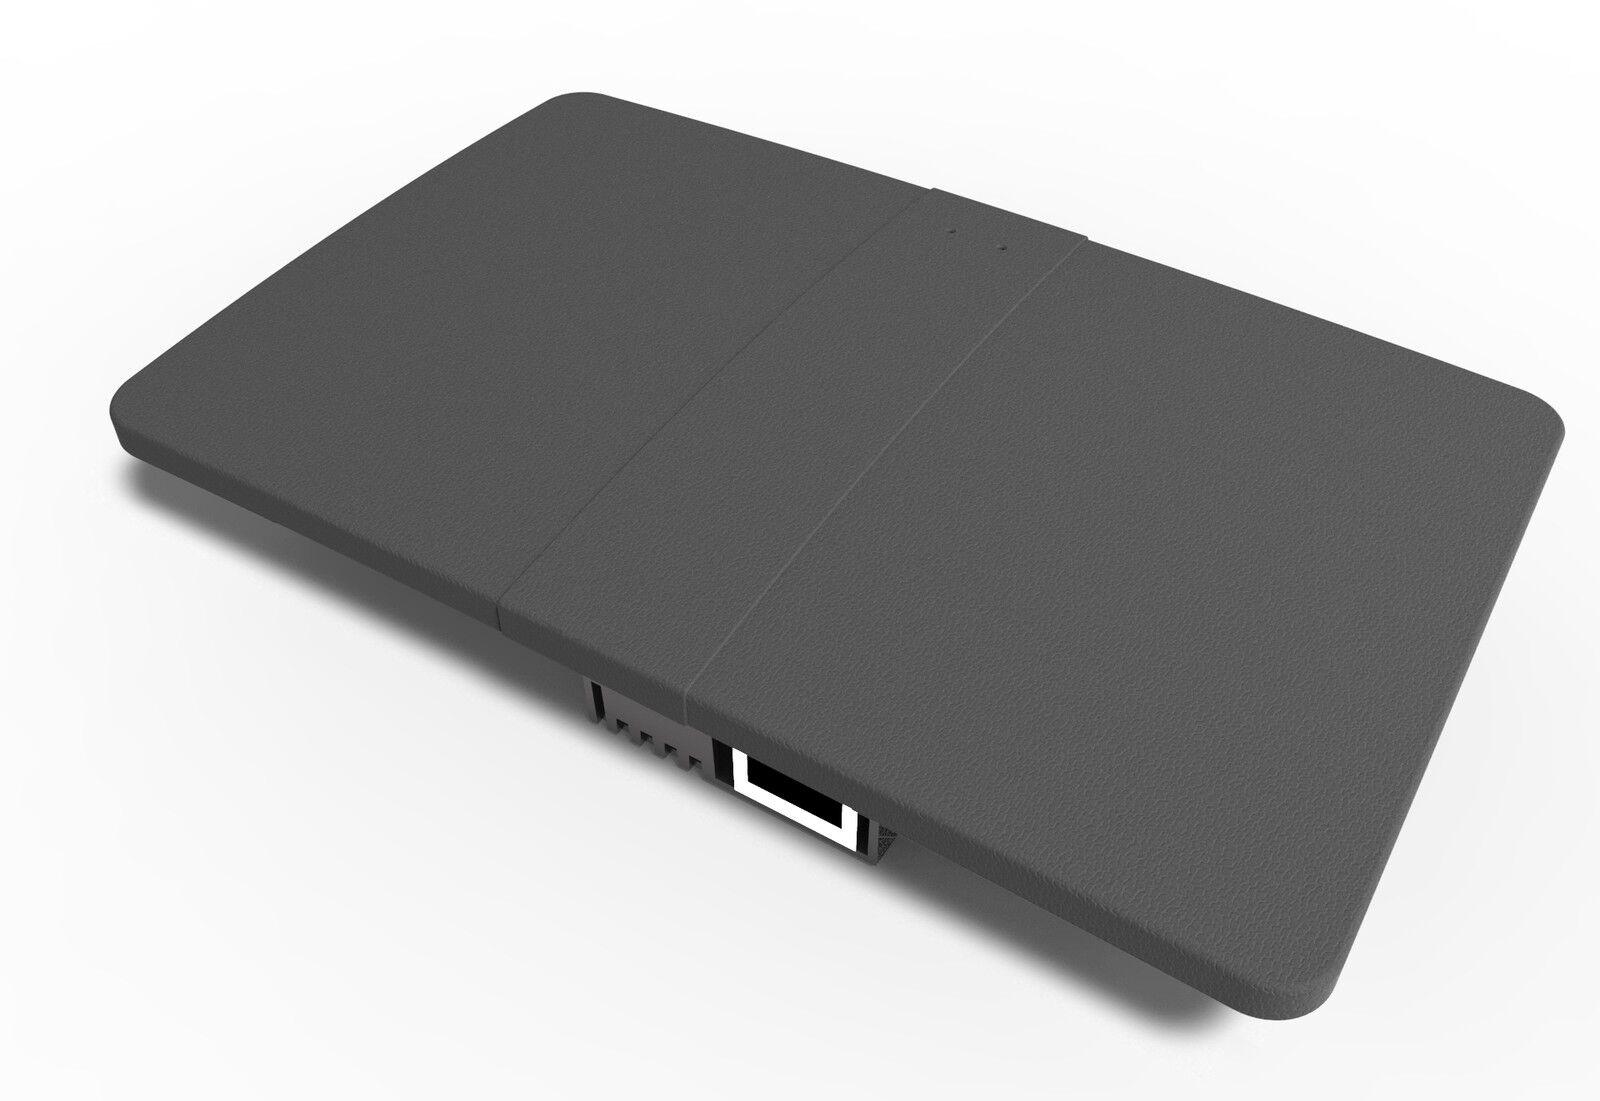 4 draht video t rsprechanlage gegensprechanlage 2x7 39 39 monitor wlan schnittstelle. Black Bedroom Furniture Sets. Home Design Ideas